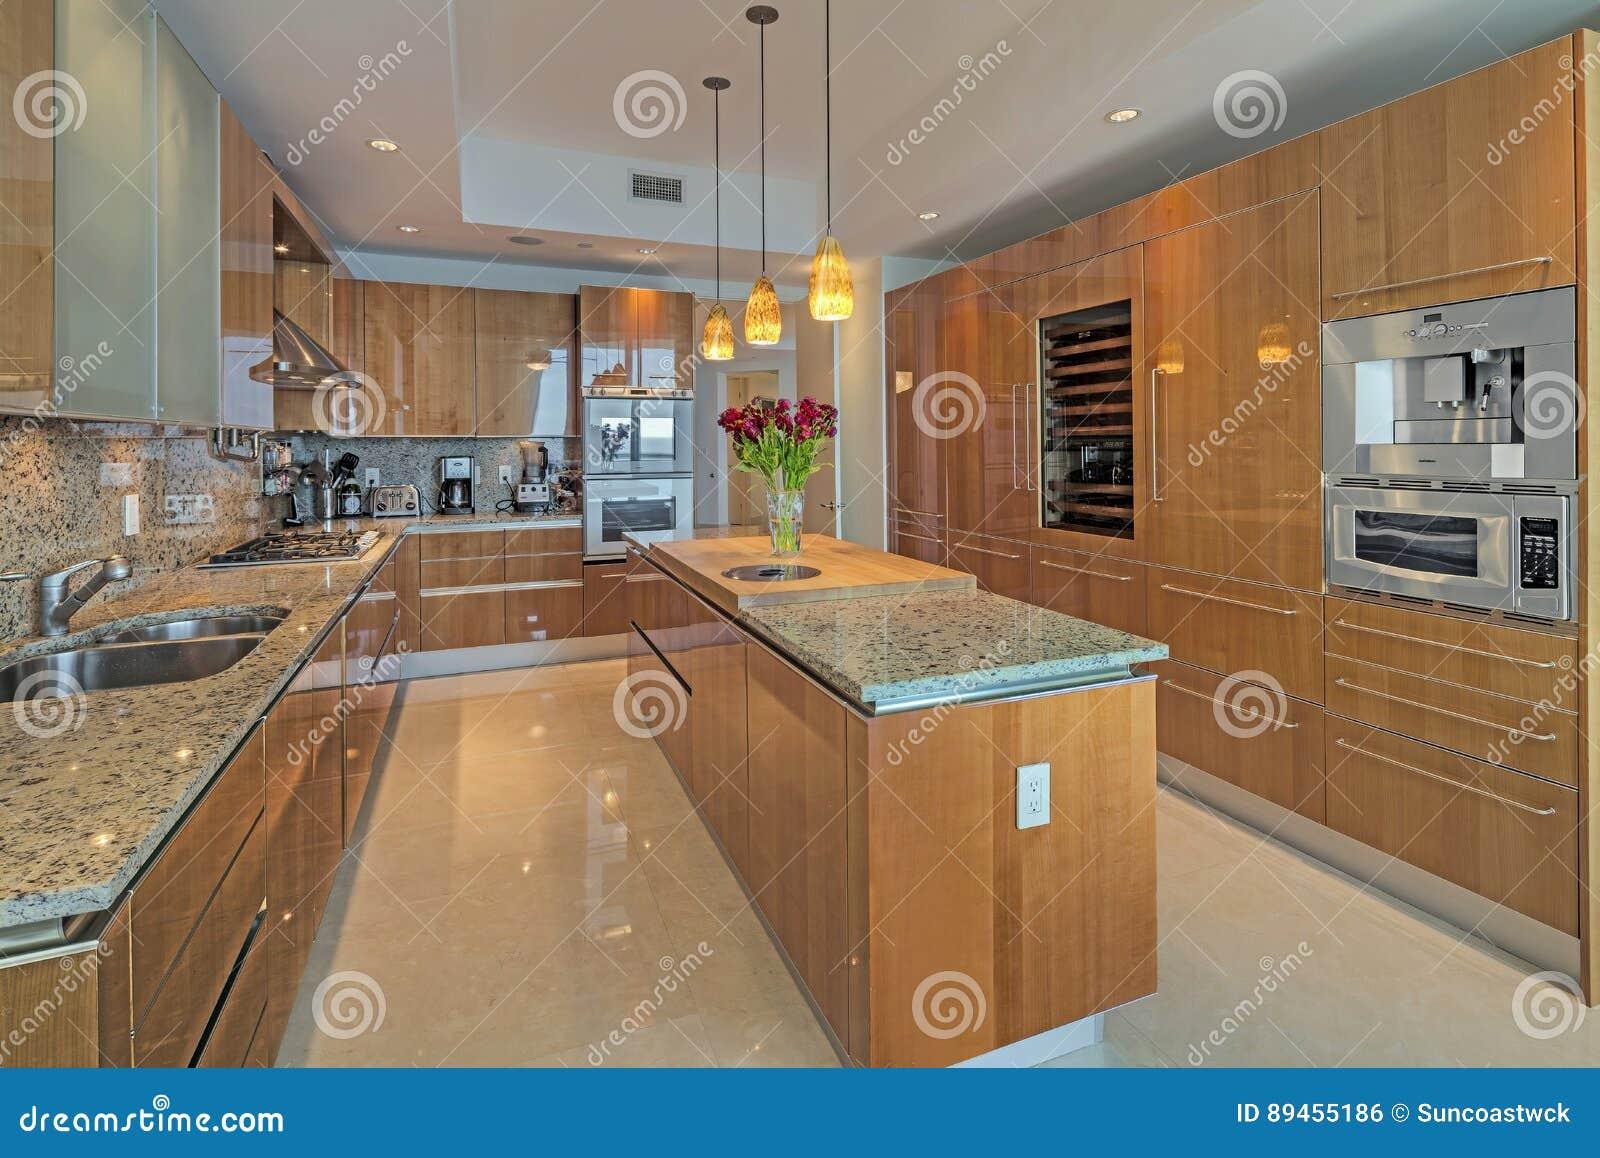 Schöne Küchen Sind Eine Chef Freude Stockfoto Bild Von Freude